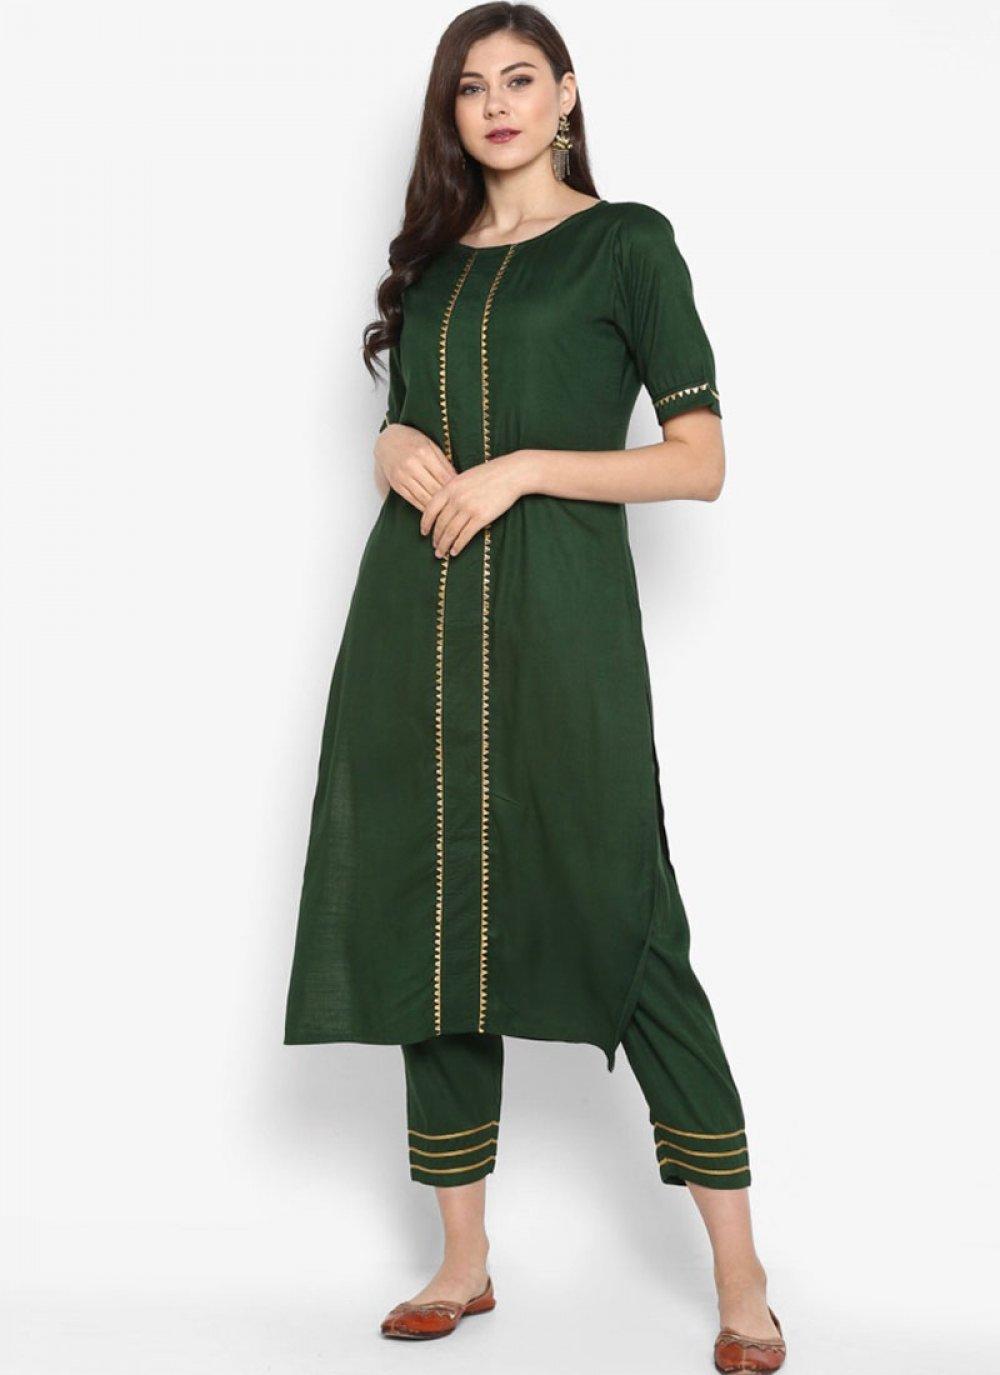 Green Rayon Casual Kurti